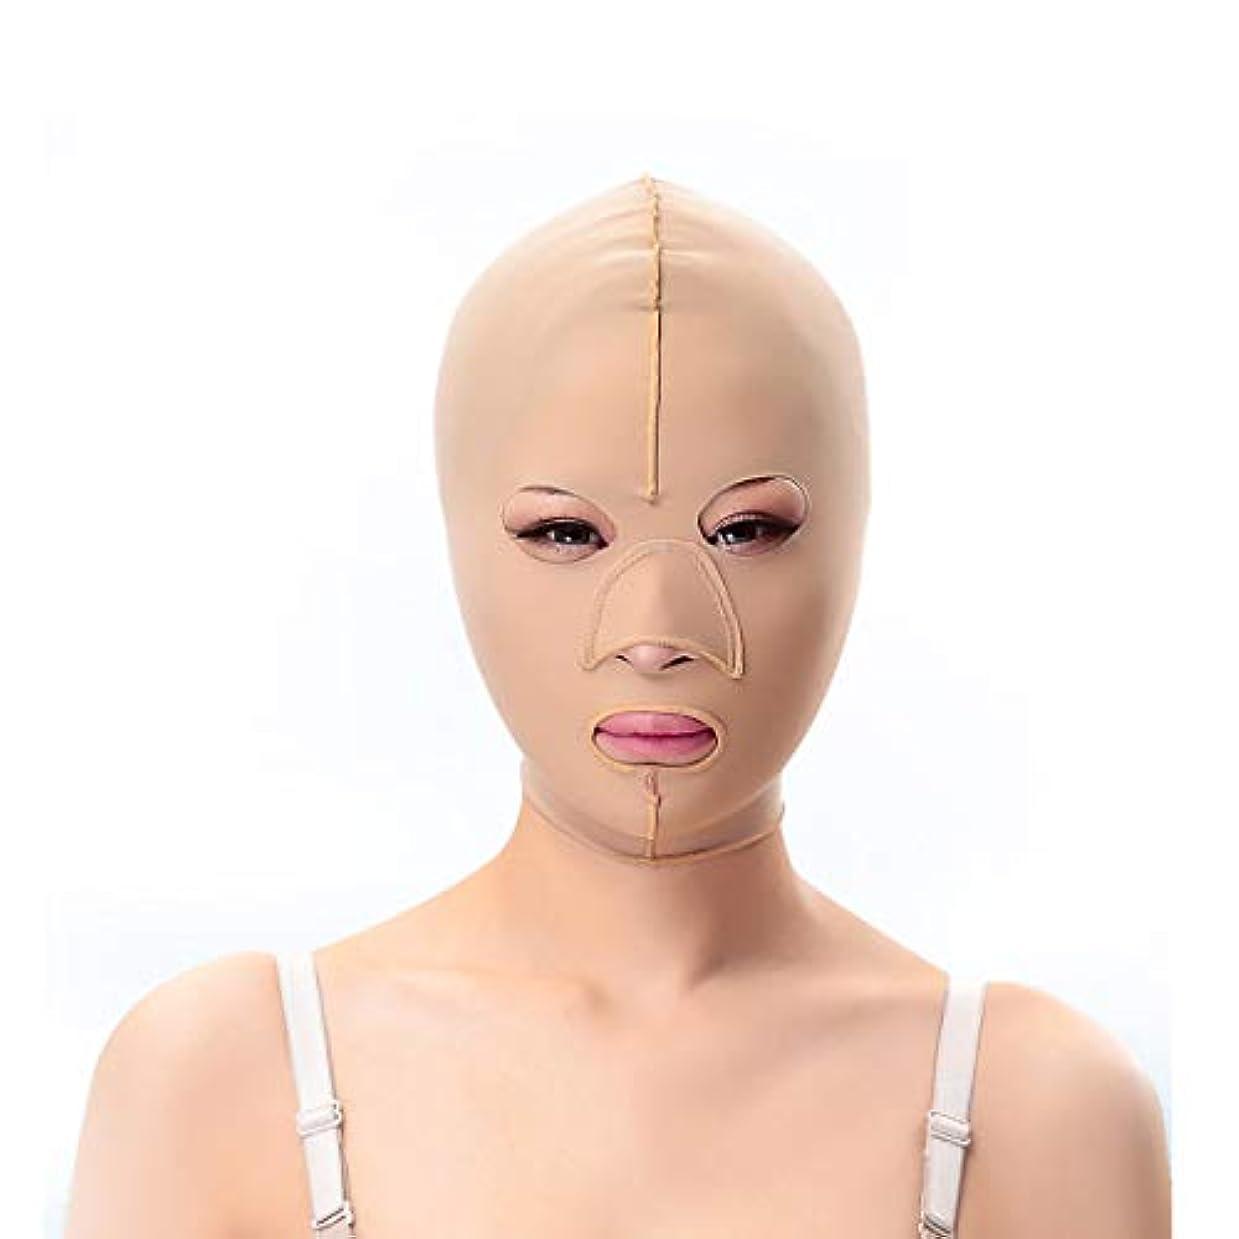 核航空機消防士TLMY 減量ベルトマスクフェイスマスク神聖なパターンリフト二重あご引き締め顔面プラスチック顔面アーティファクト強力な顔面包帯 顔用整形マスク (Size : S)